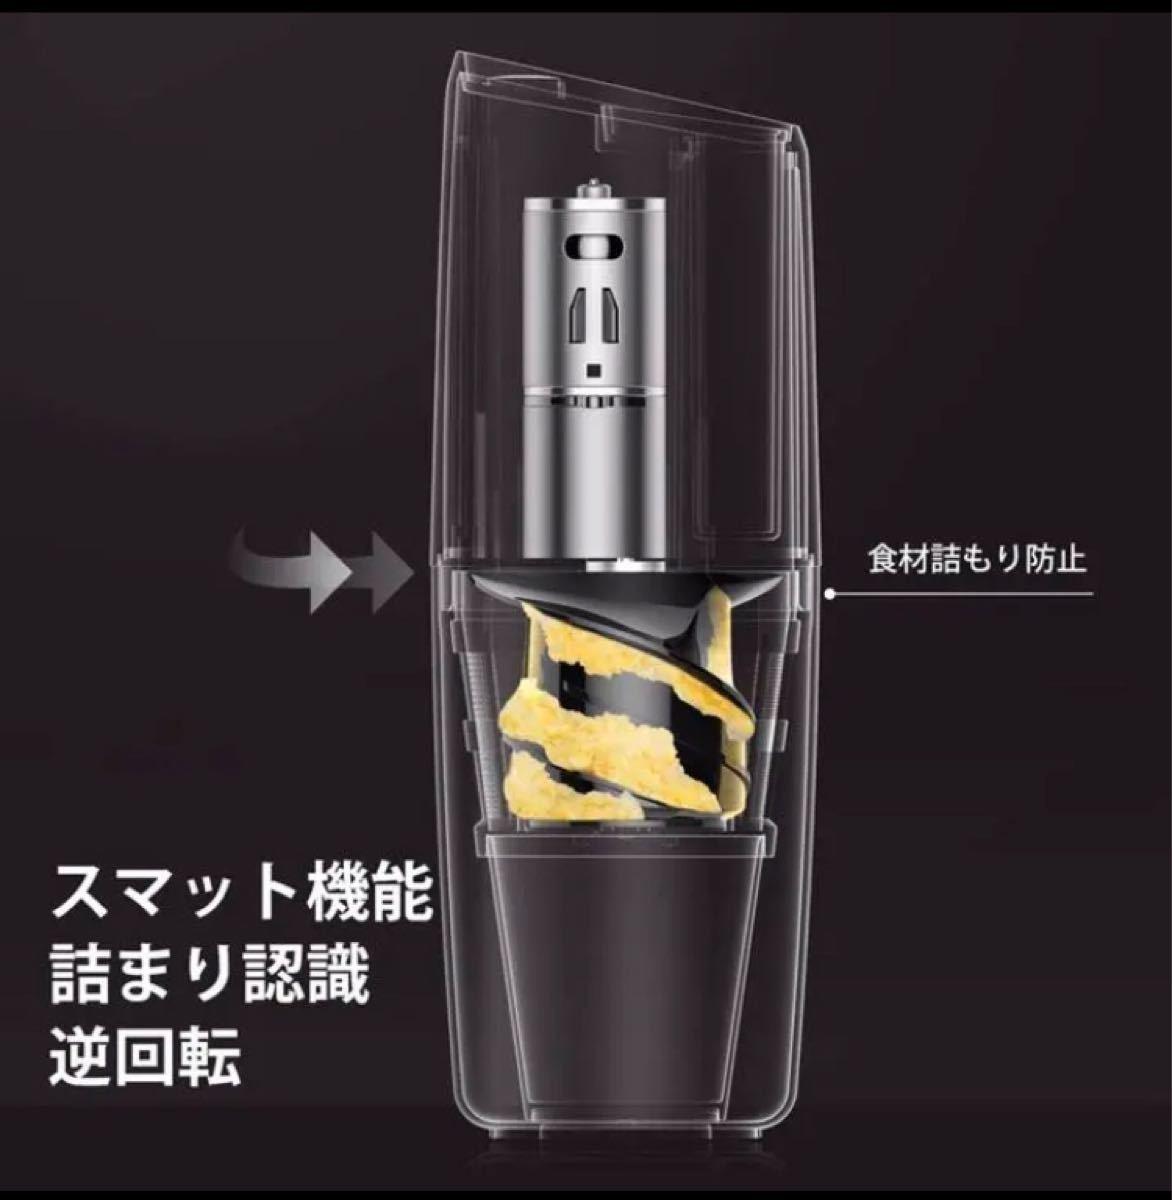 ★大特価★CalMDO ポータブルスロージューサー逆機能付き USB充電式